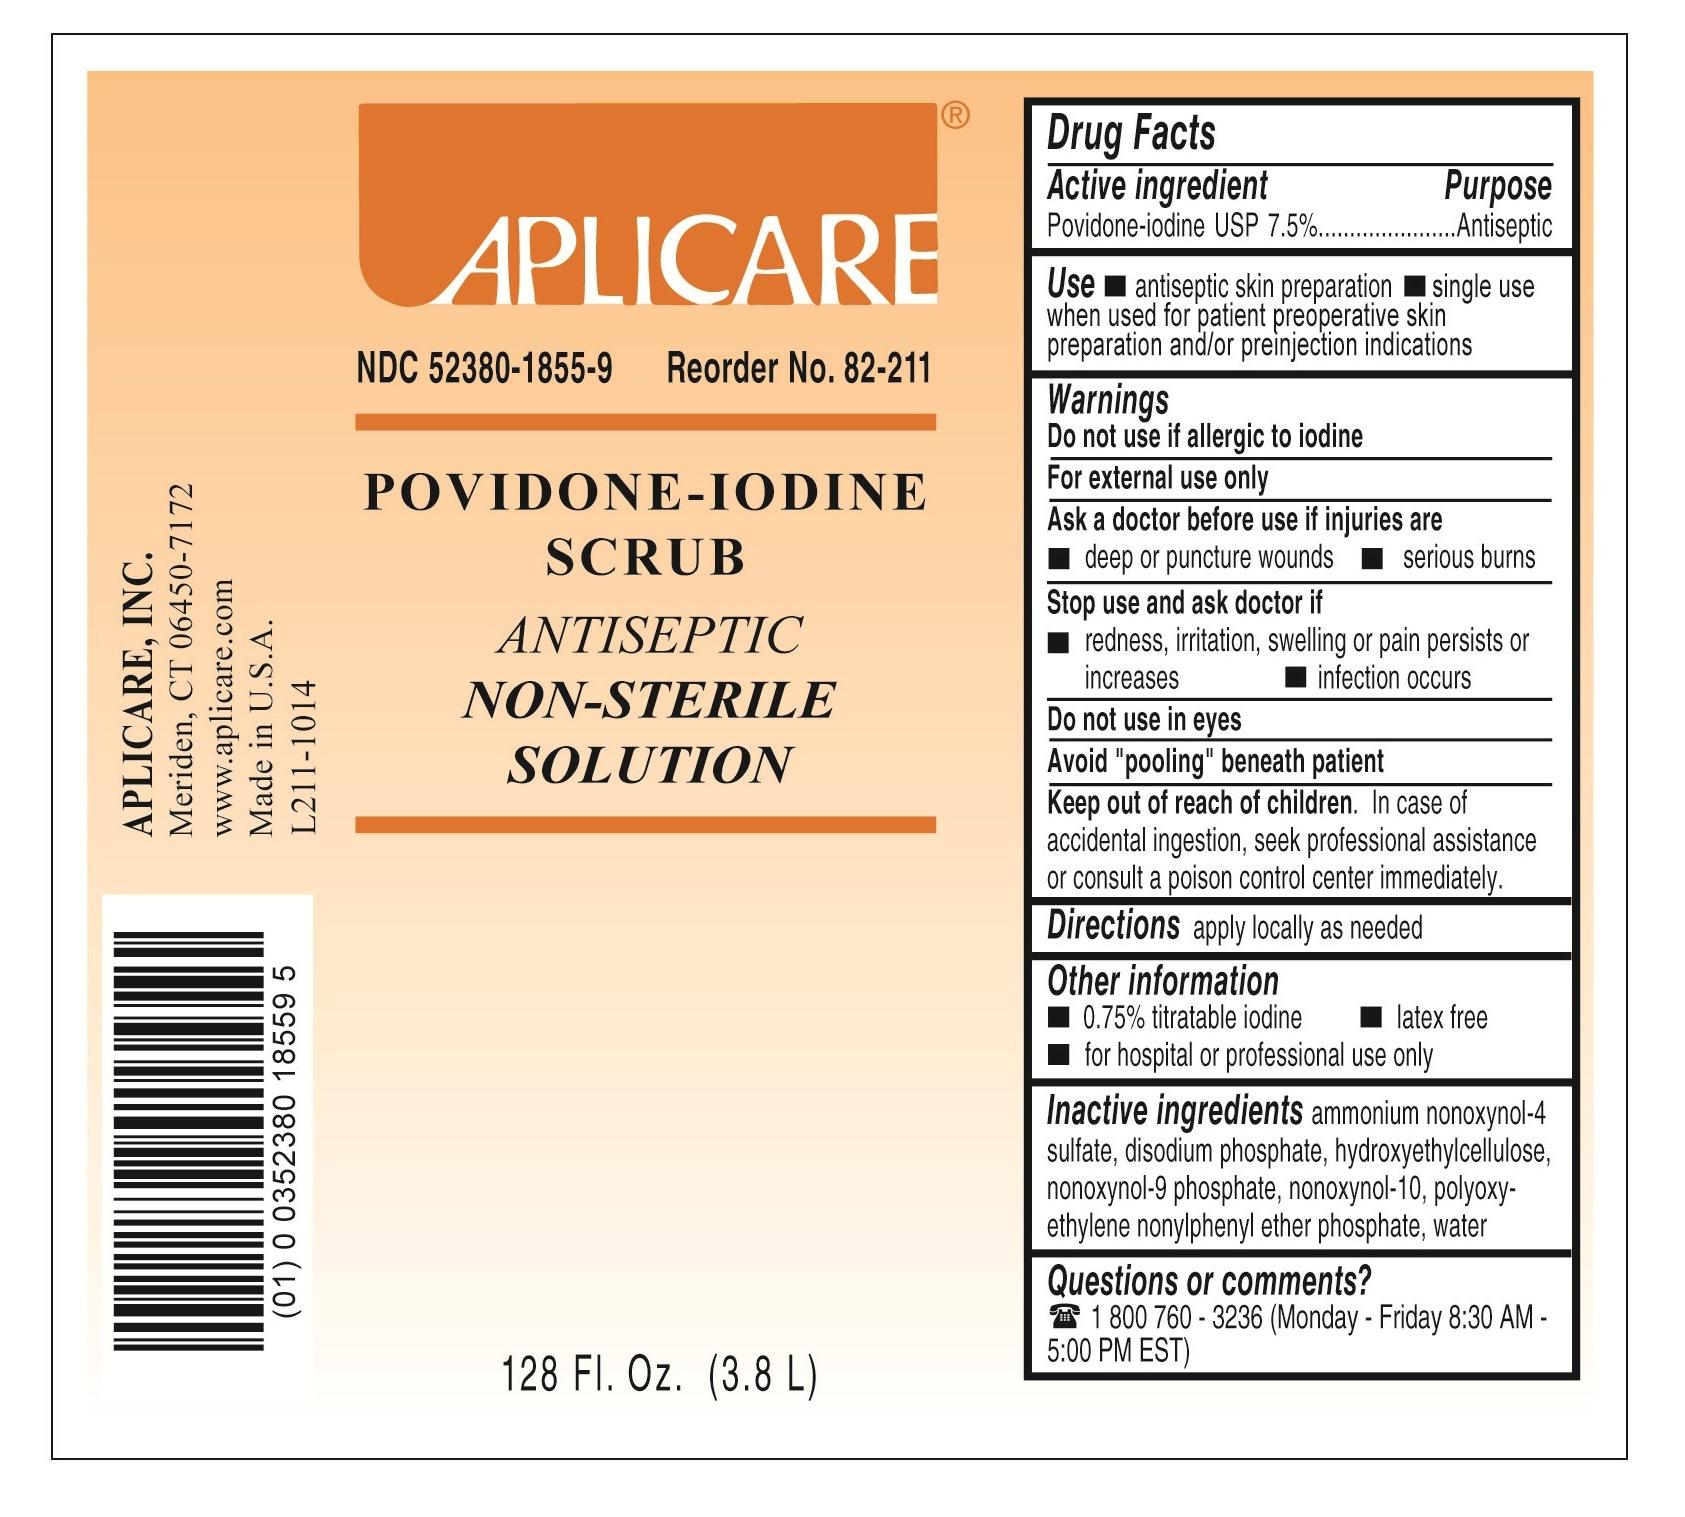 Povidone iodine scrub